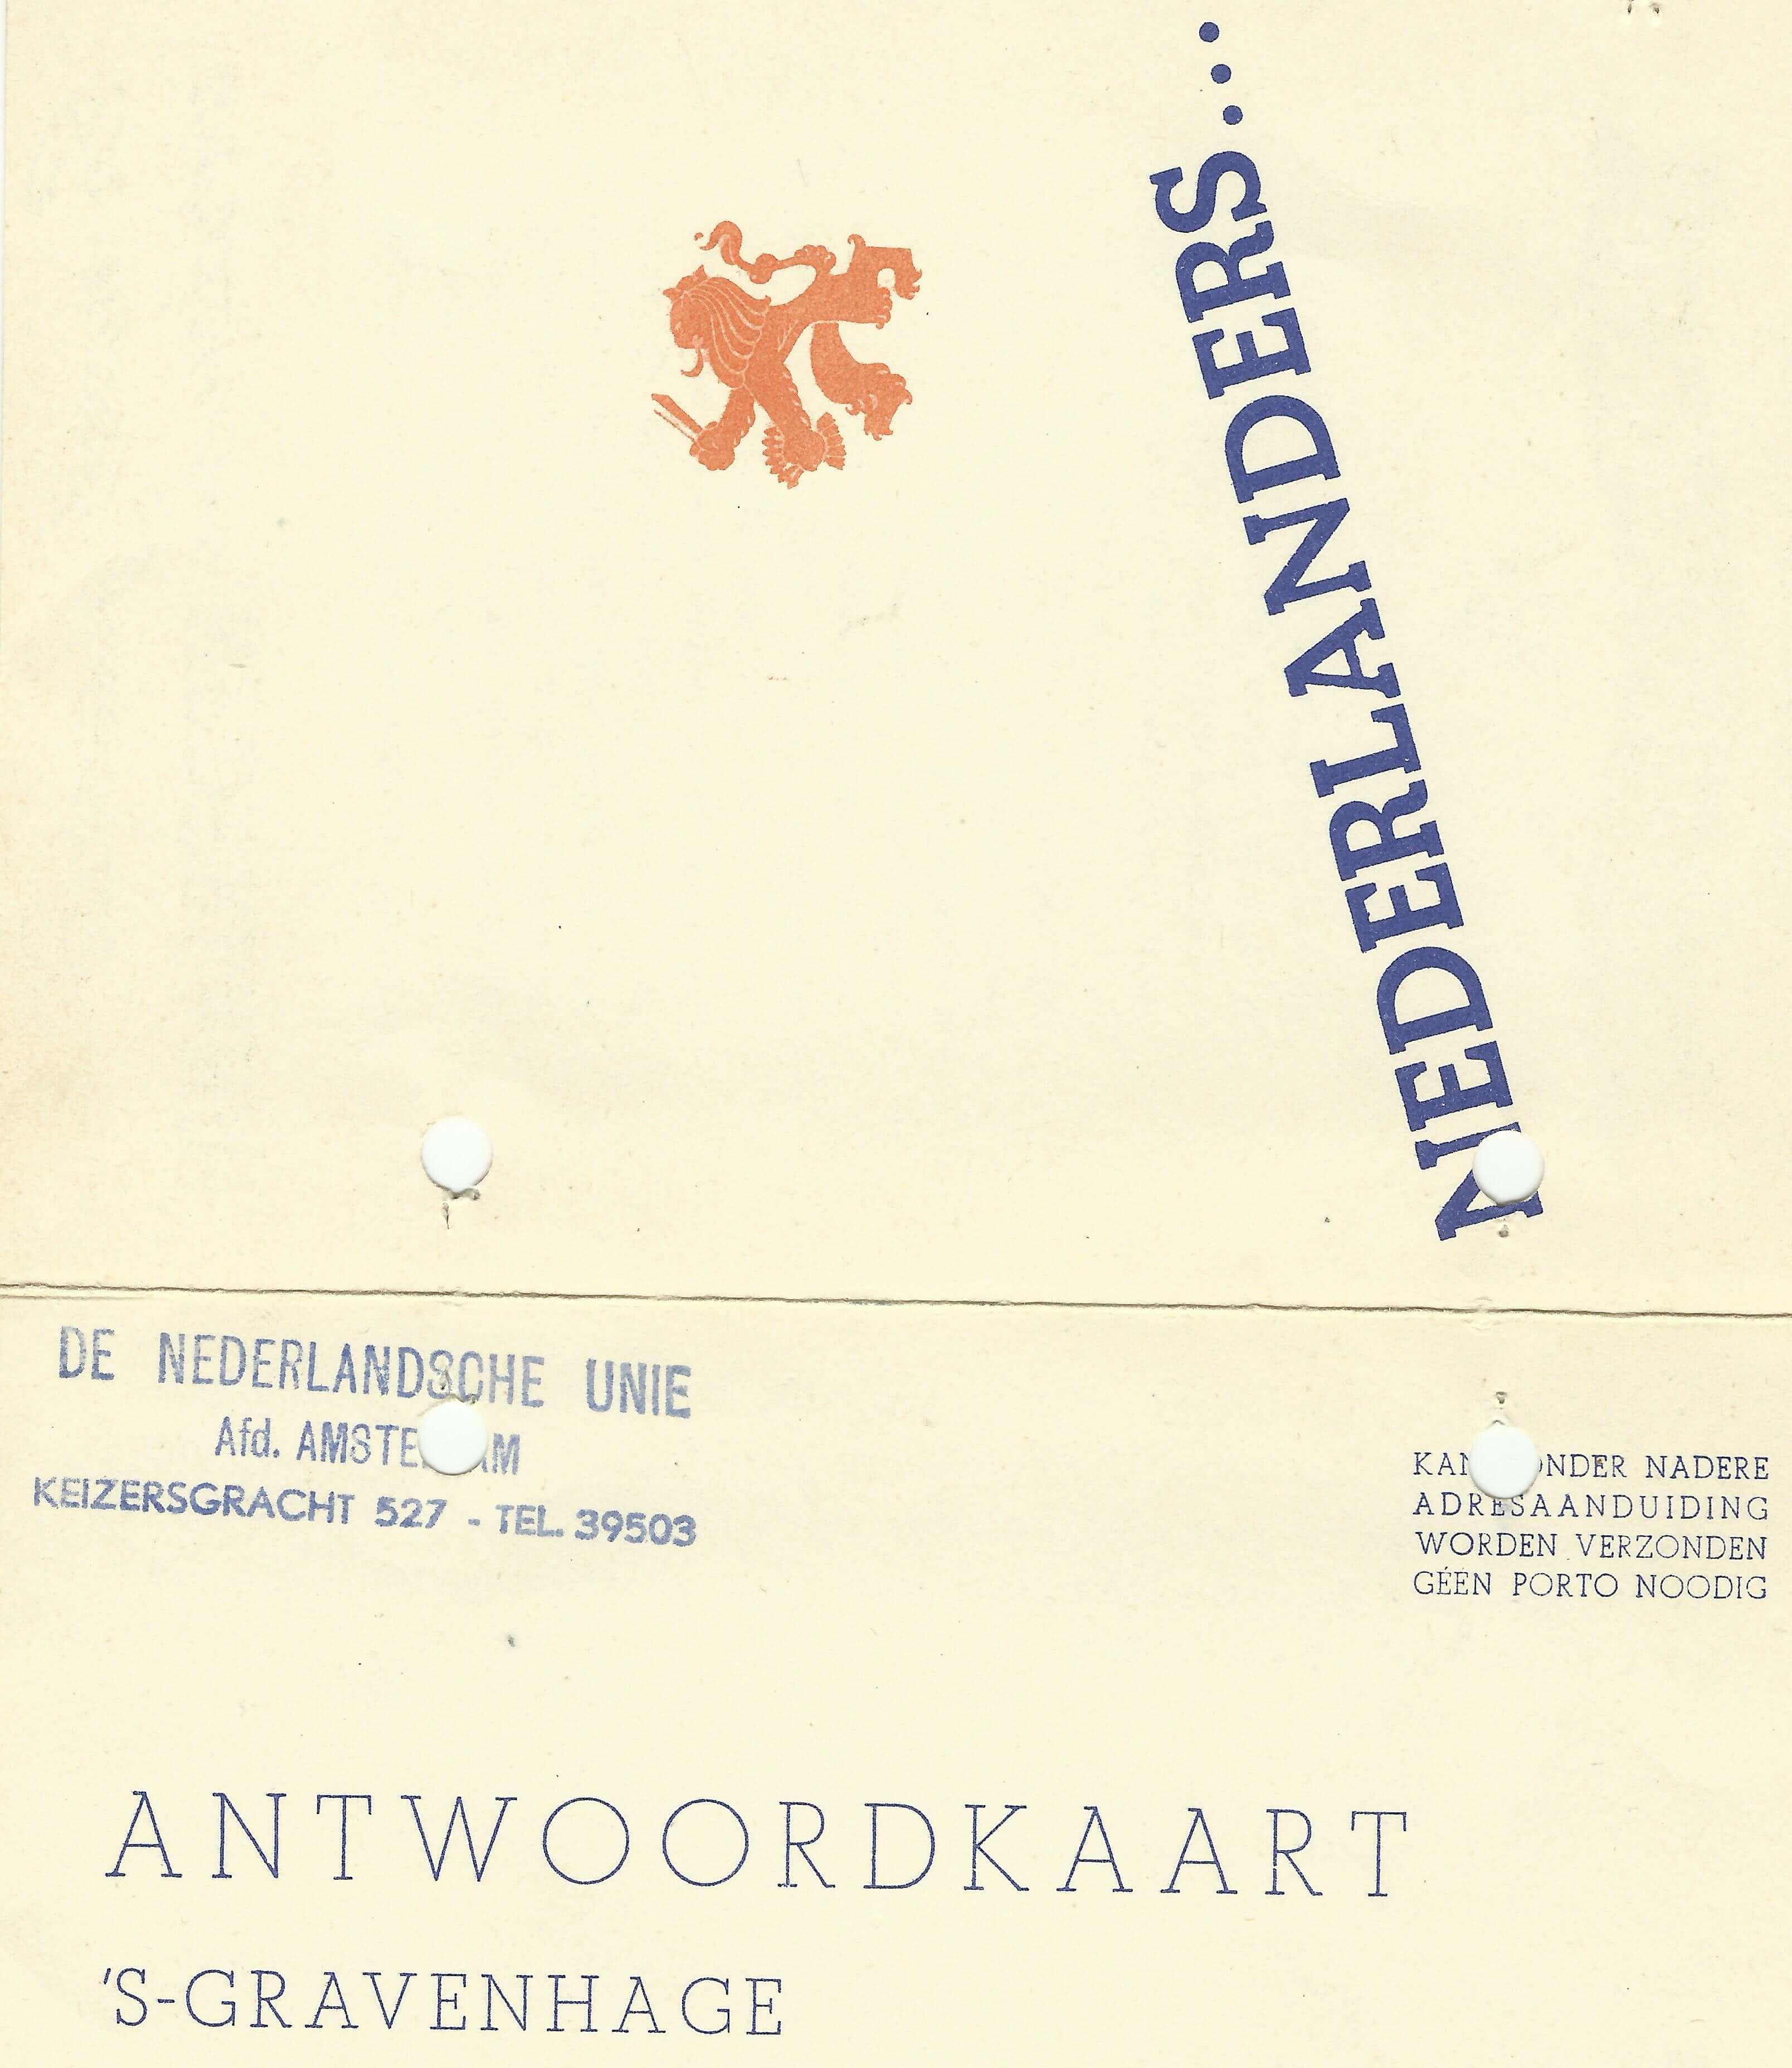 De Unie. De Nederlandse unie De tweede wereldoorlog wo2 verzamelaars verzamelingen